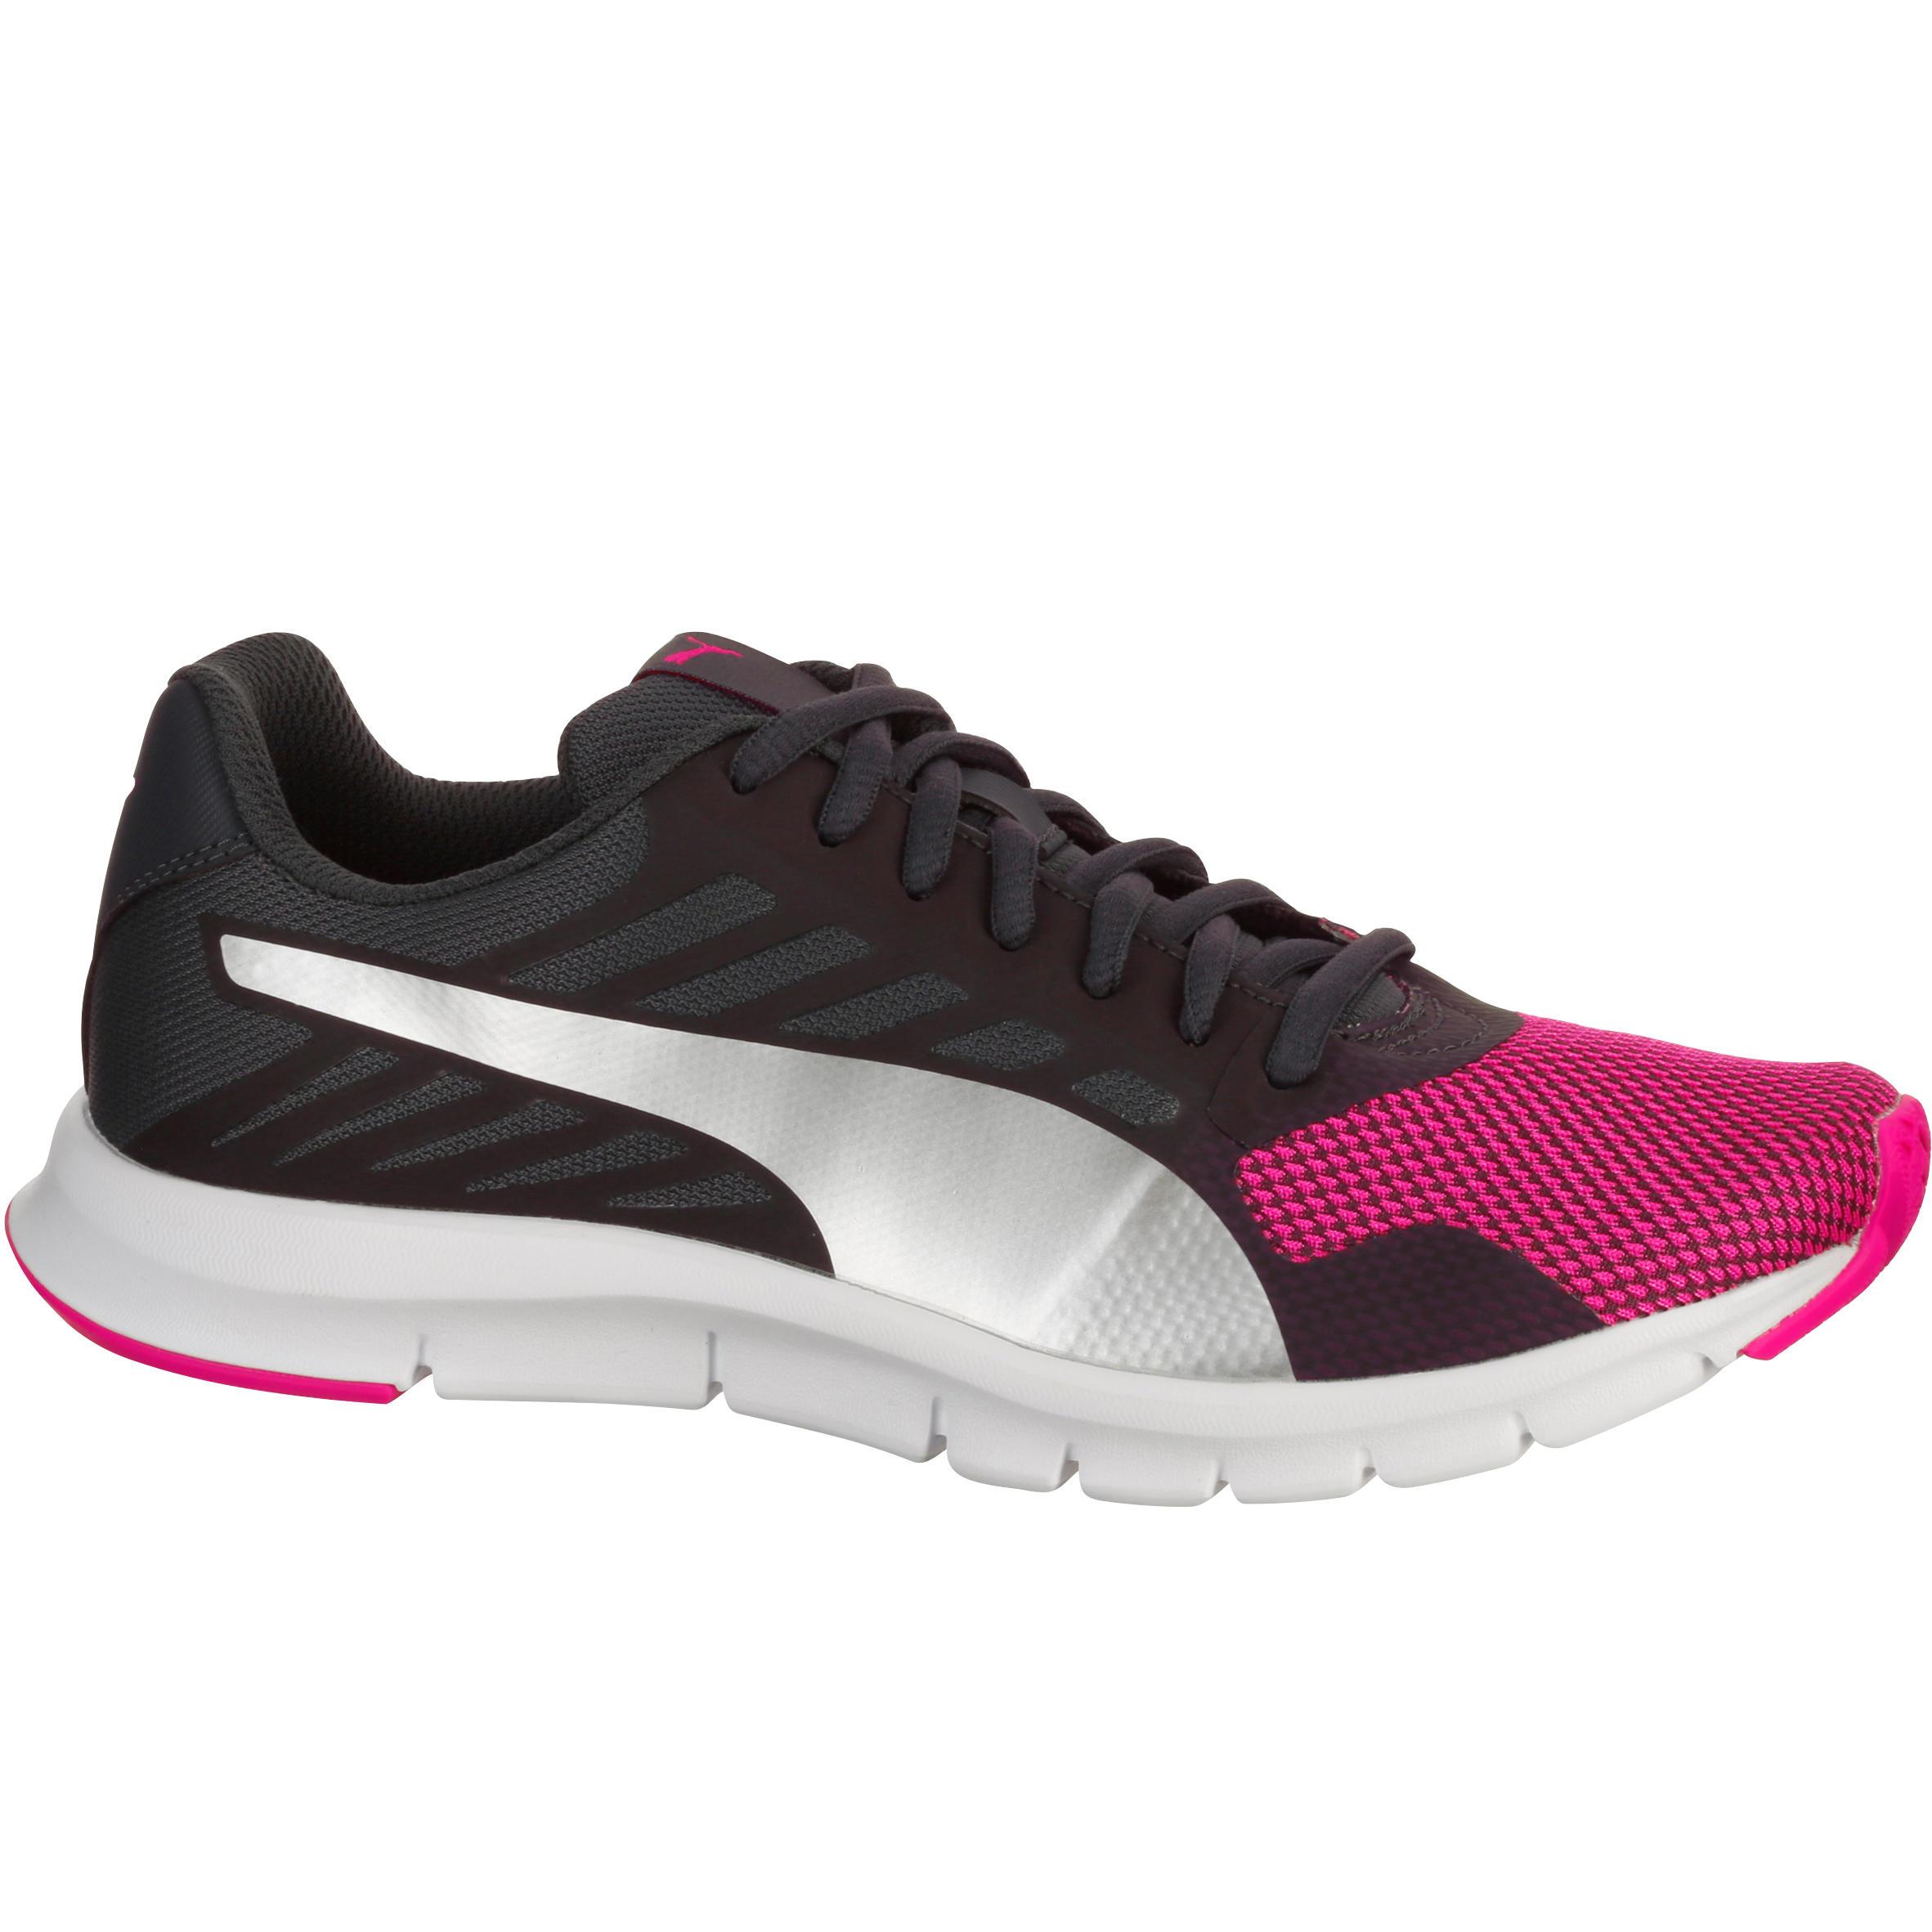 Damessneakers St Trainer zwart/roze